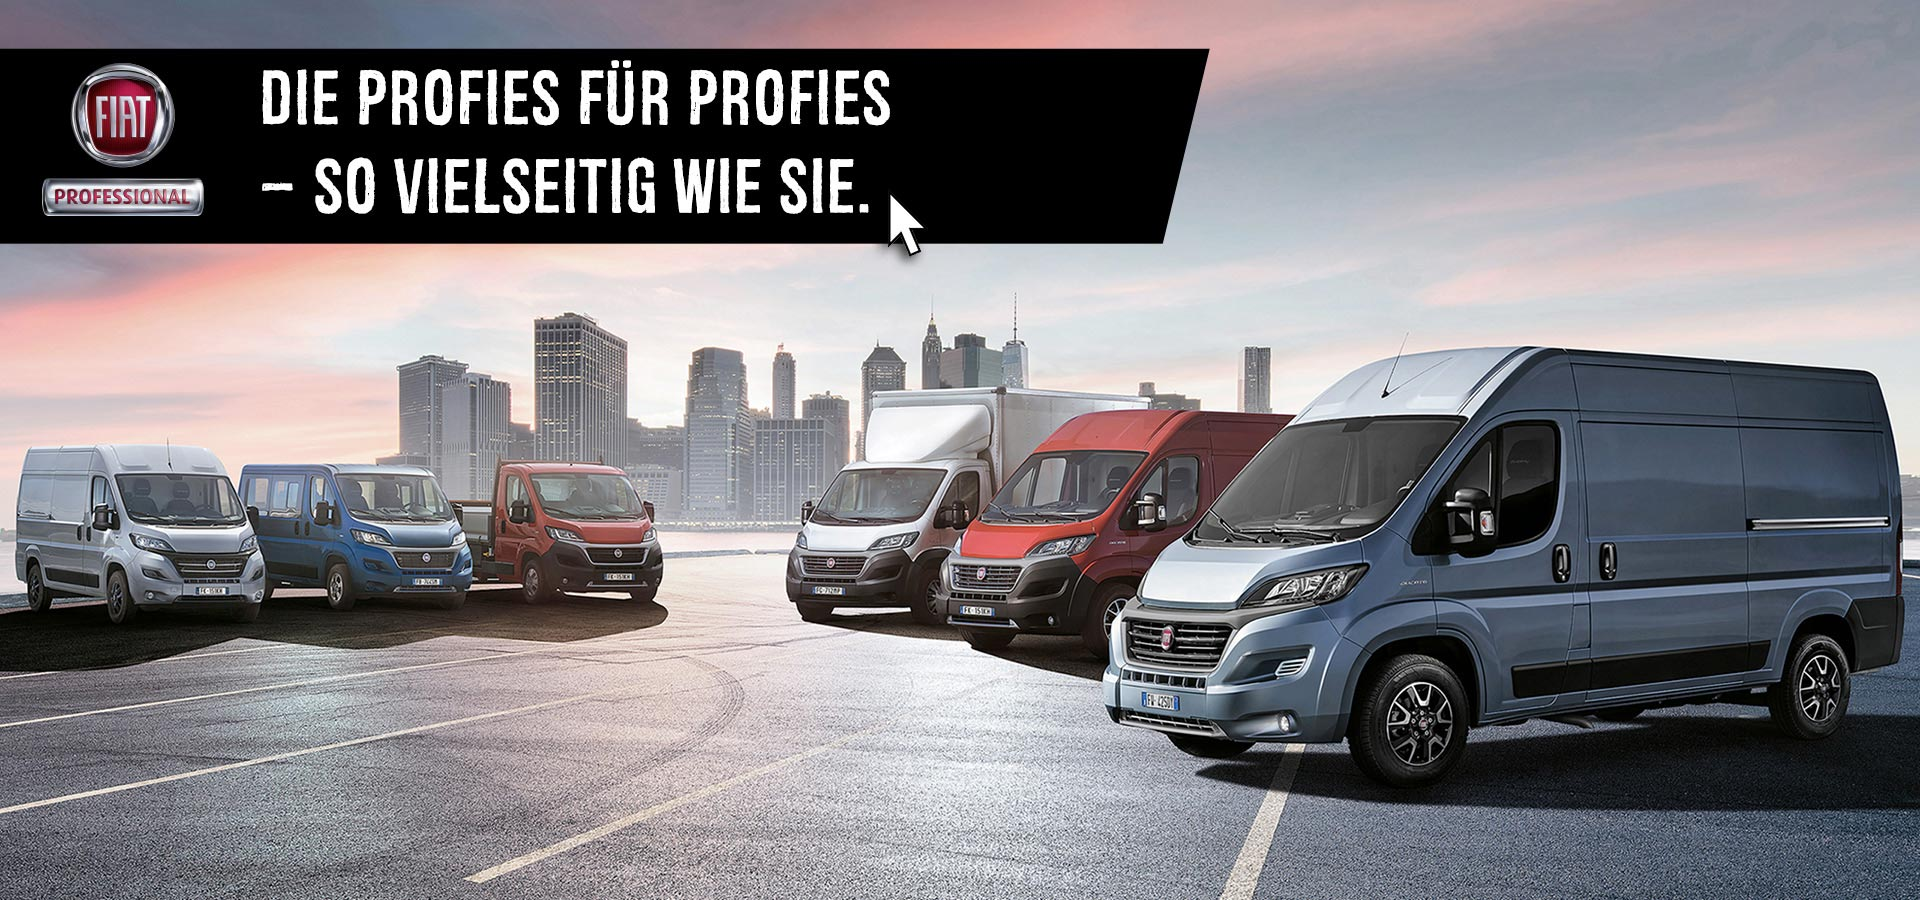 Fiat Professional – Die Profies für Profies so vielseitig wie Sie.